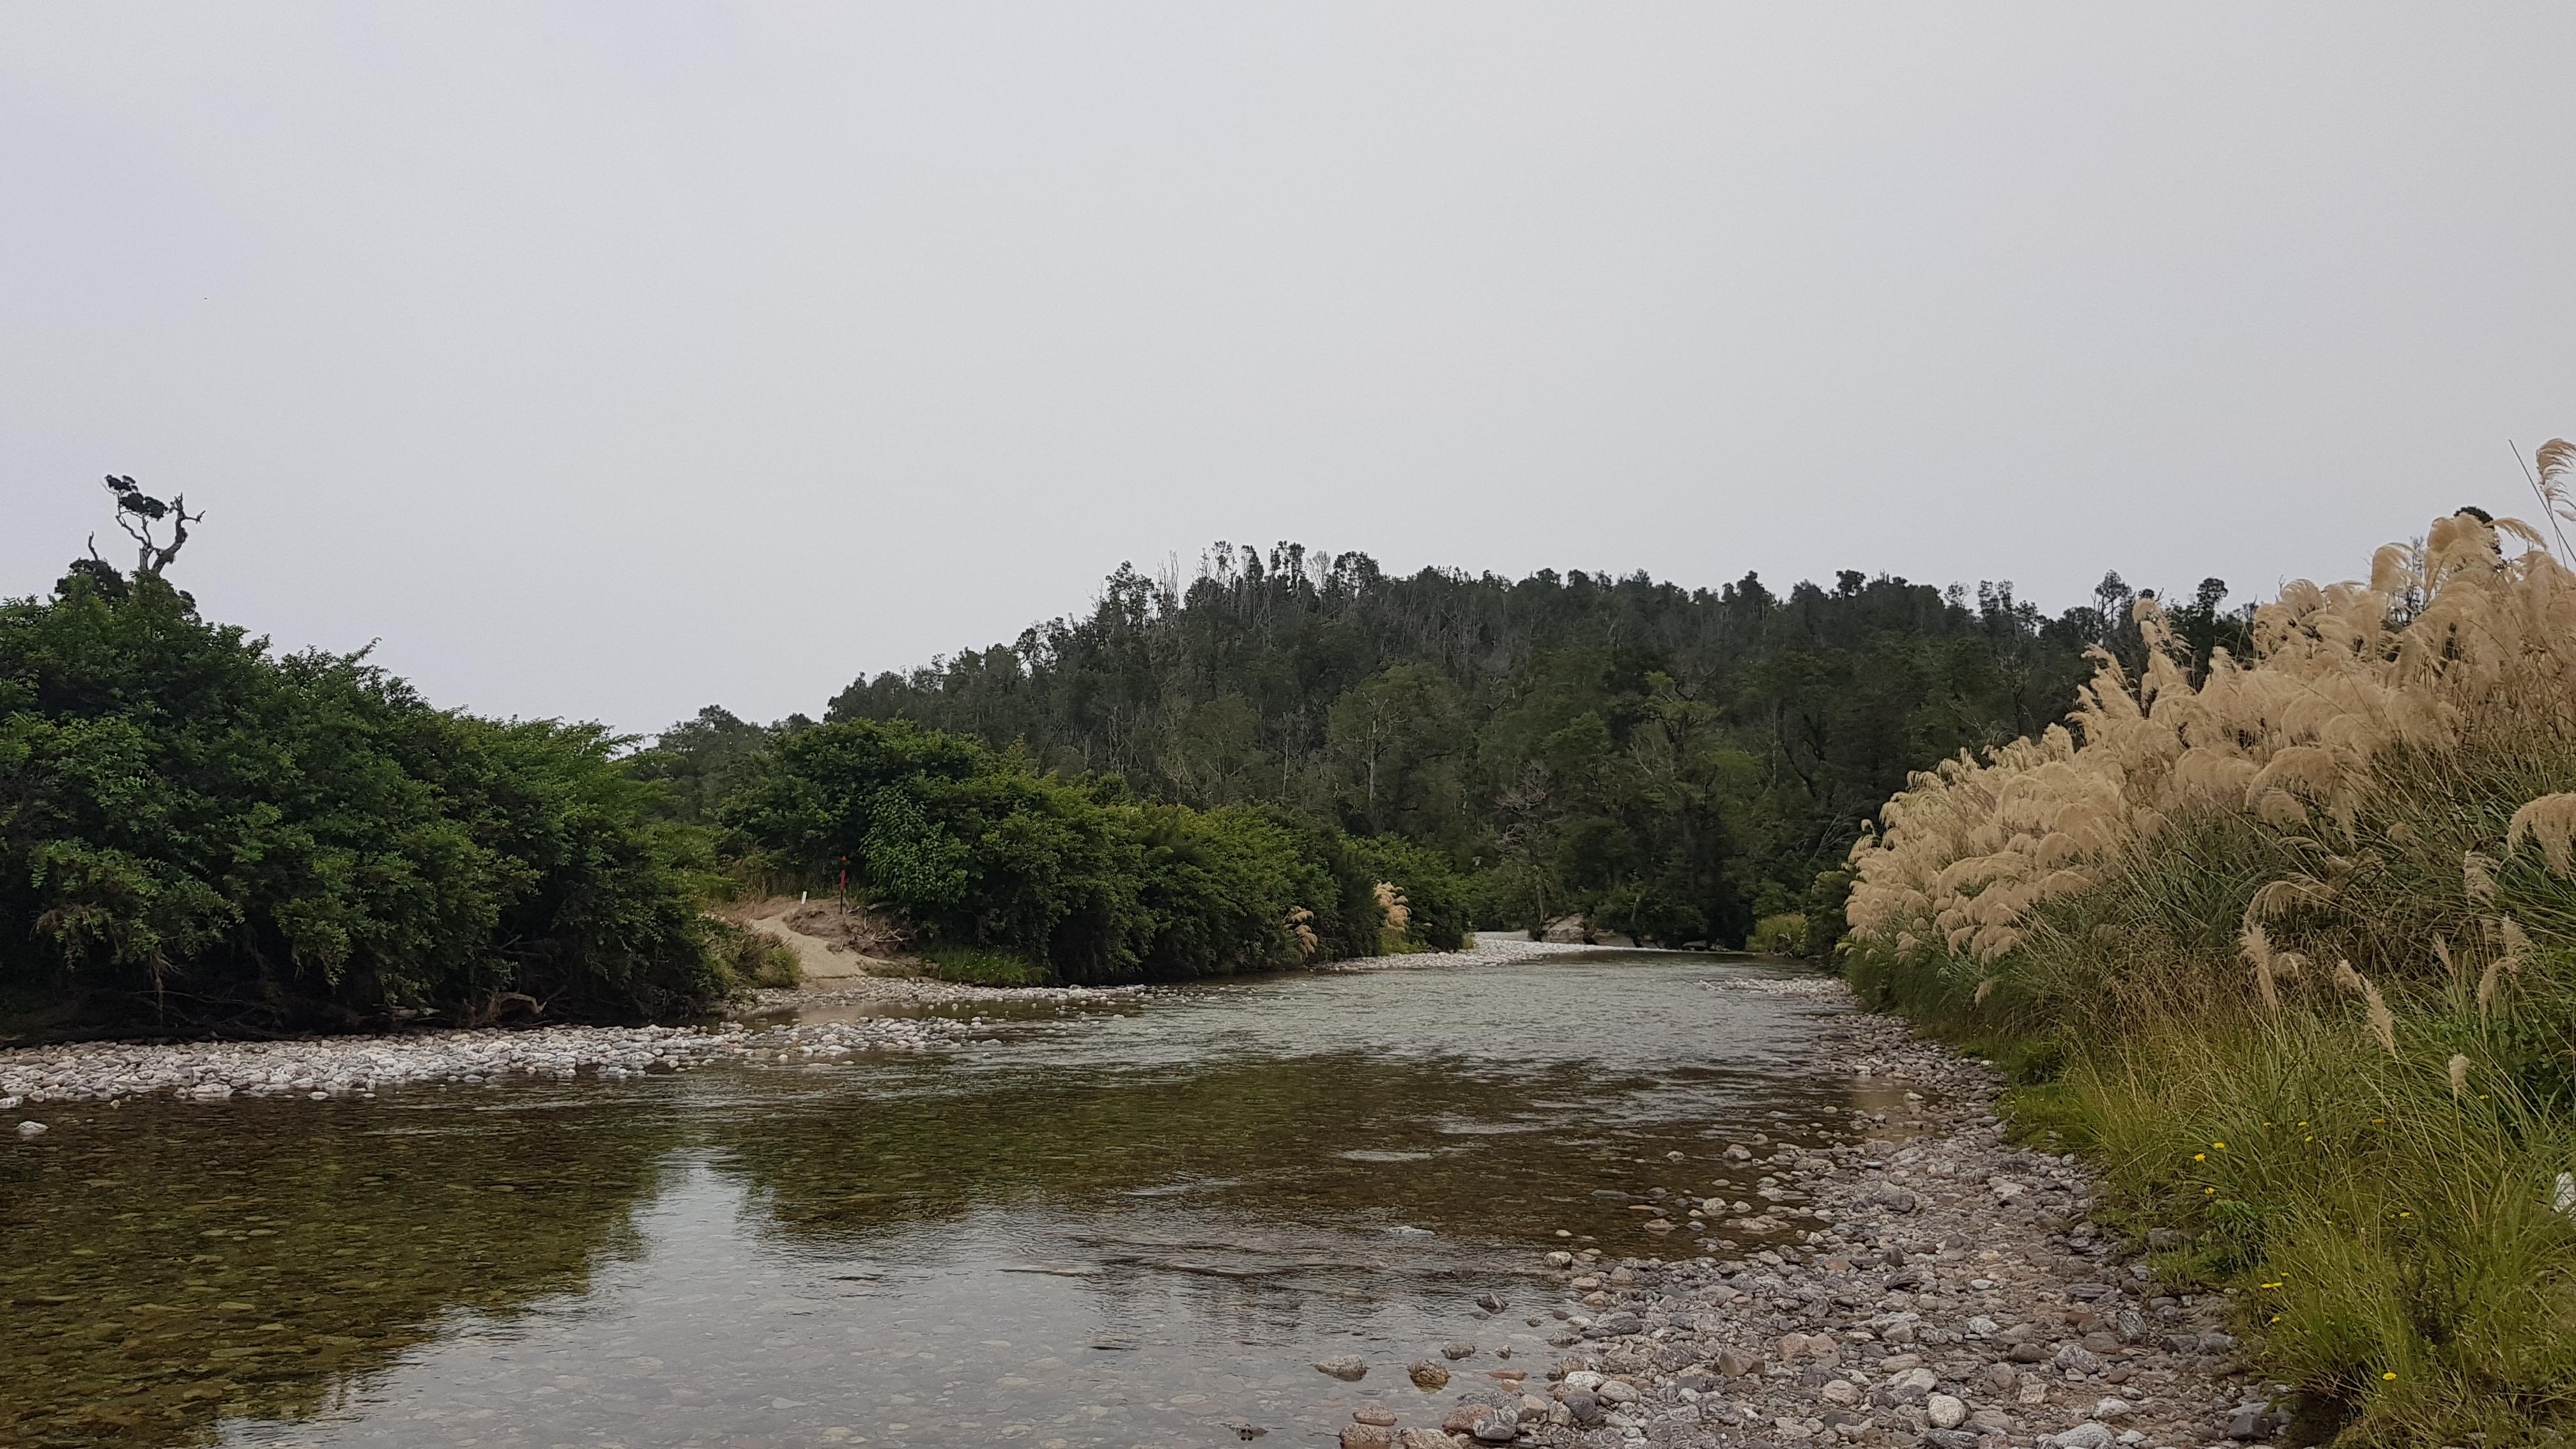 Crossing Bullock Creek